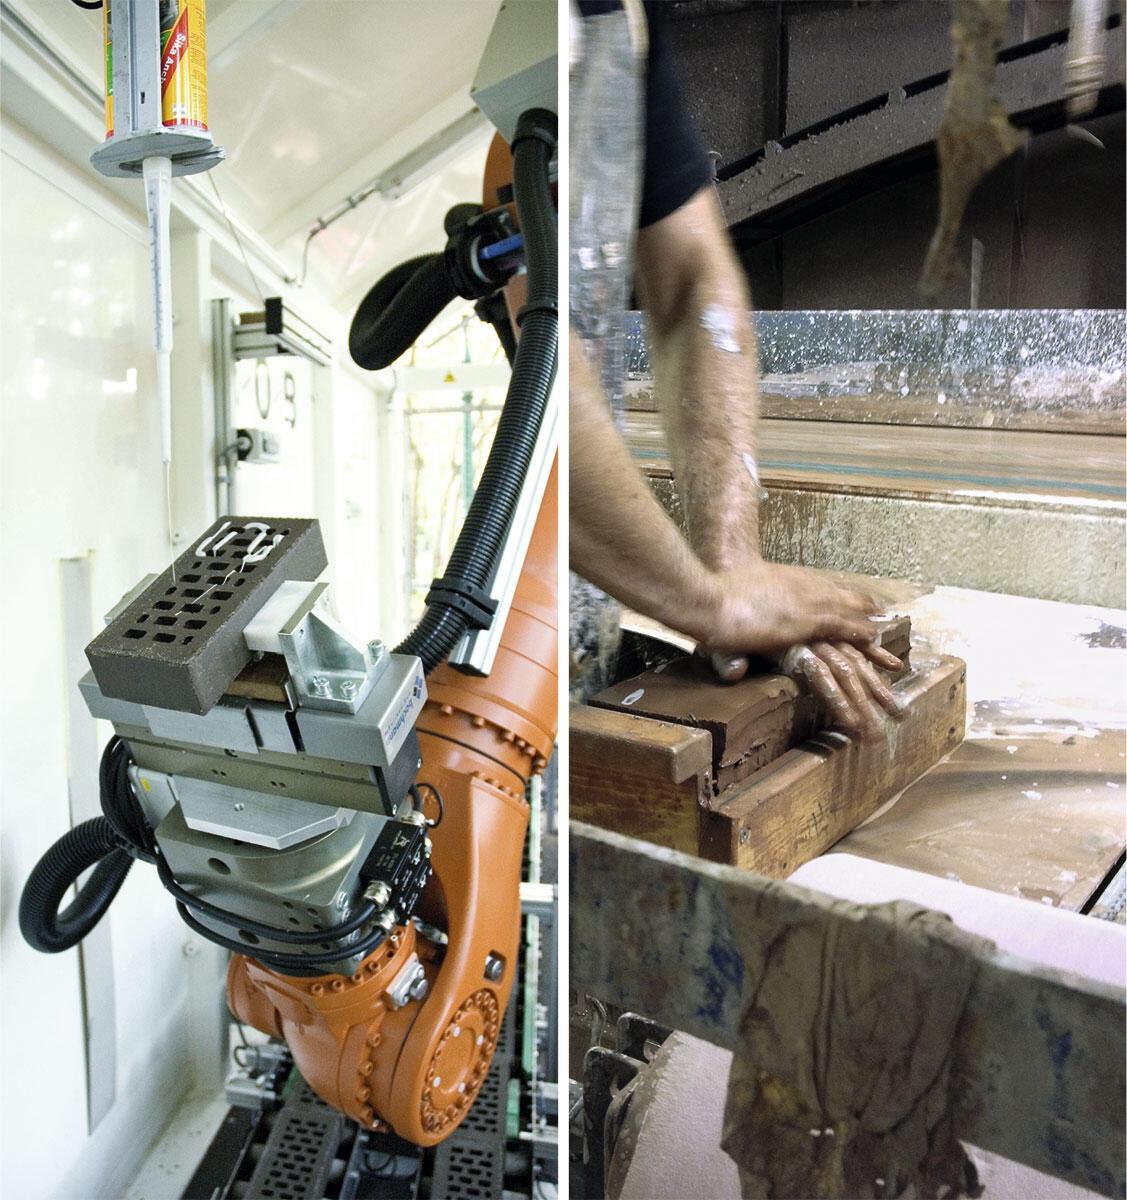 Gleichzeitigkeit von Zukunft und Vergangenheit ist dem Stein eingeschrieben: Als digital informiertes Fügen mit dem Roboter (Bild links: Gramazio Kohler Research, ETH Zürich) oder als archaisches Formen von Hand Bild: Daniel Kurz